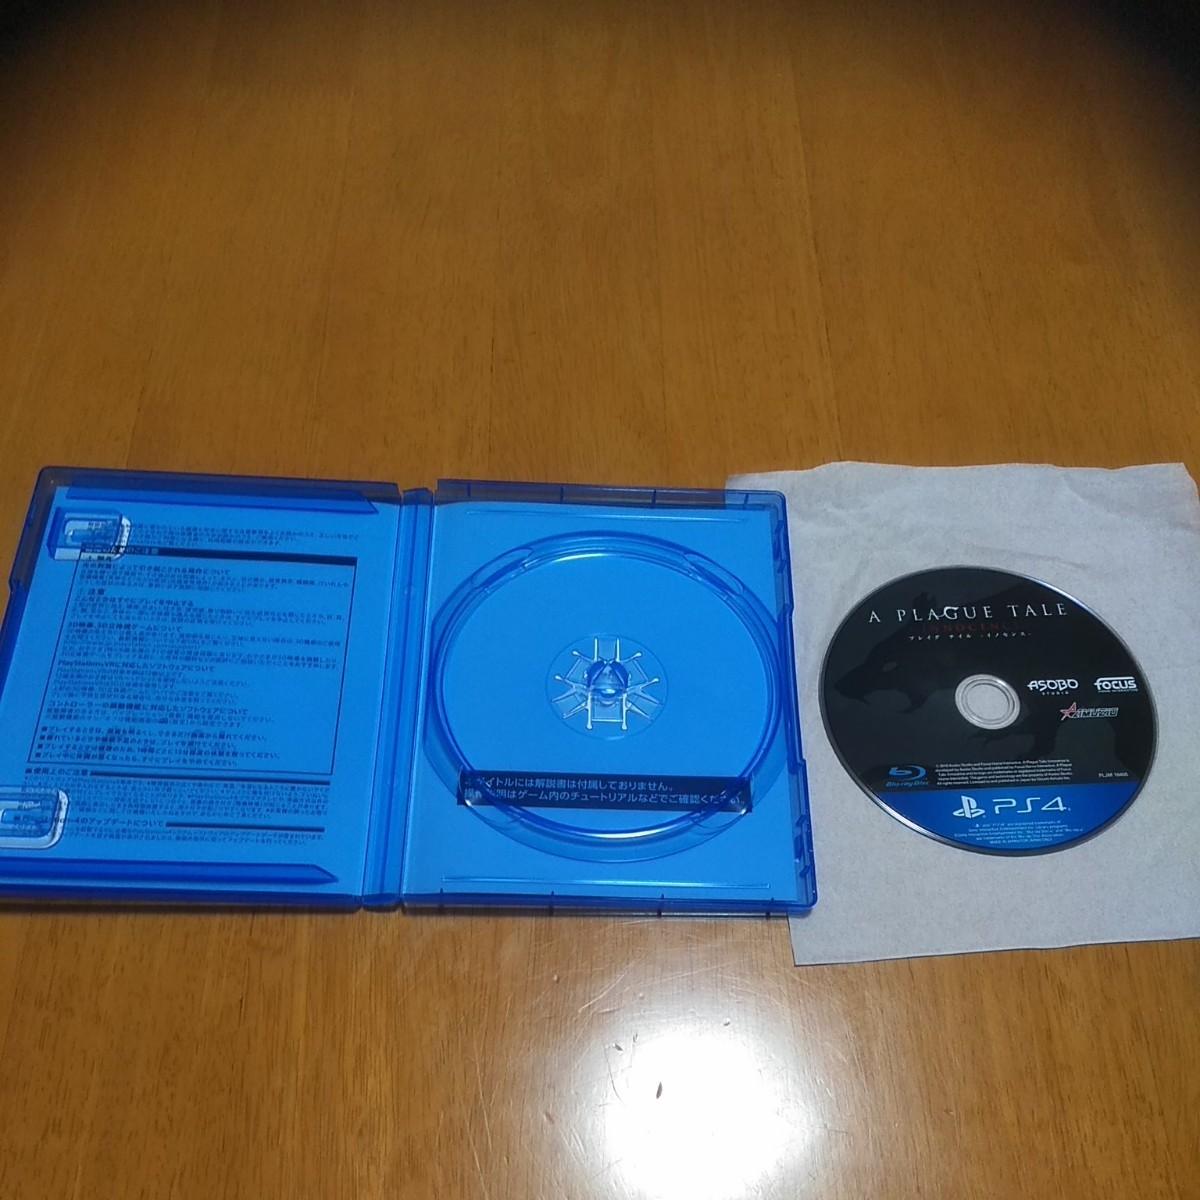 【PS4】 プレイグ テイル -イノセンス-